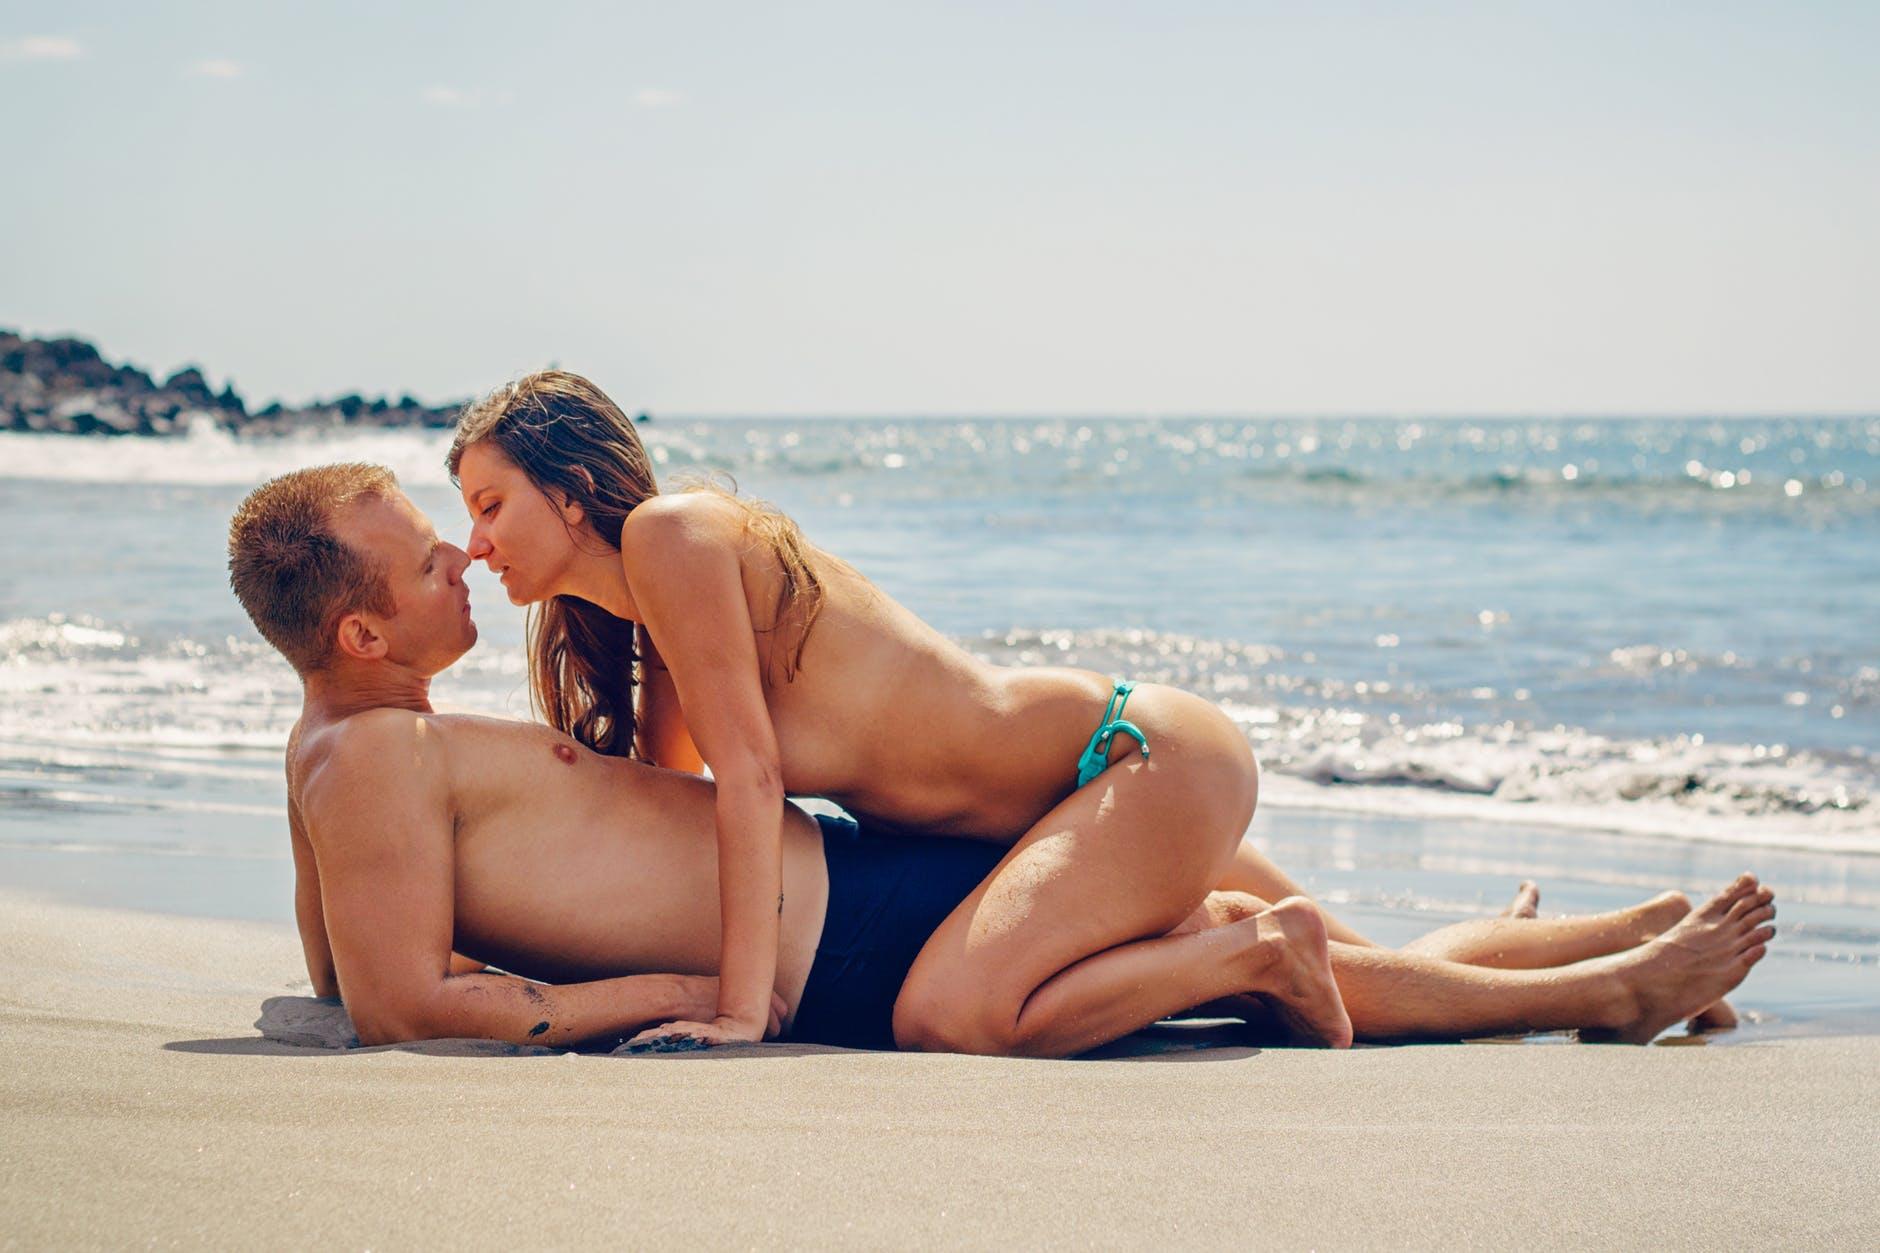 สาวๆ ต้องรู้! ใช้มืออย่างไรให้ผู้ชายฟิน นิยามความรัก ทริคความรัก SEX